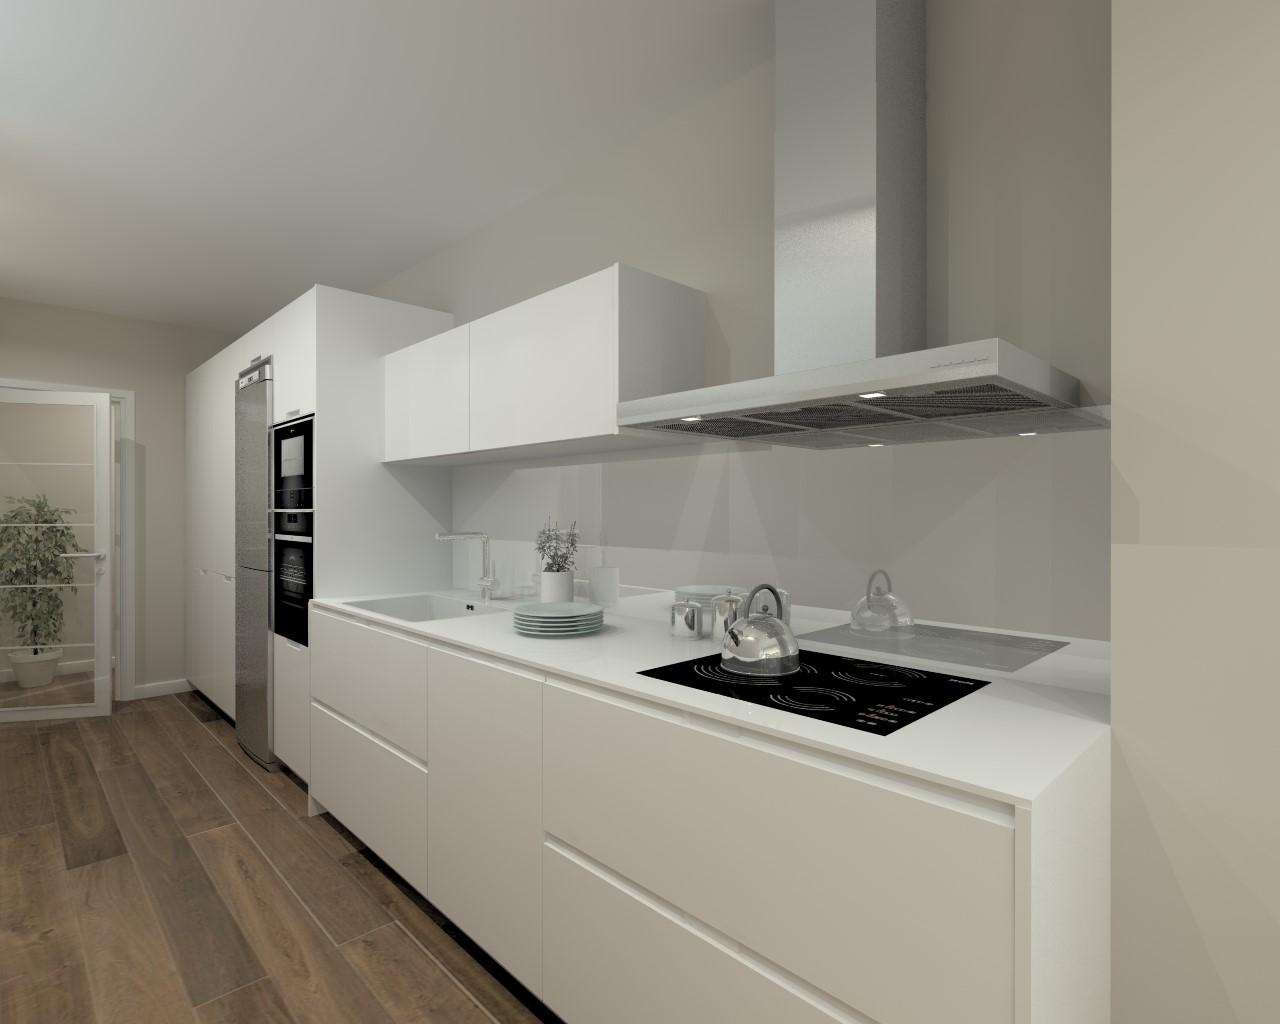 Cocinas santos modelo iintra laca seda blanco encimera - Cocinas santos valencia ...